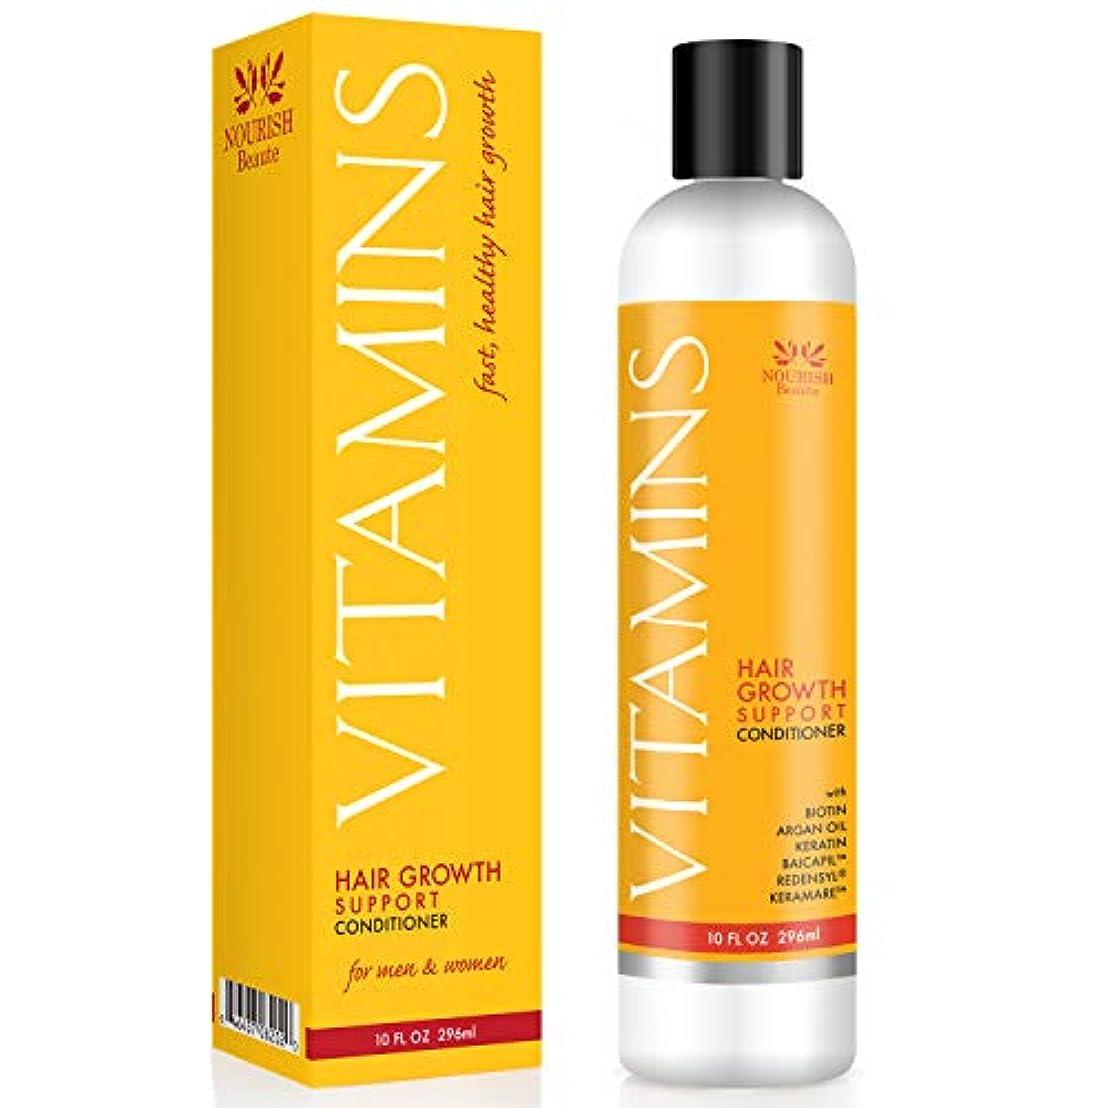 懐疑的稚魚最大のVitamins - オーガニック 脱毛トリートメント コンディショナー Organic Hair Loss Treatment and Conditioner, 10 Ounce (296ml)